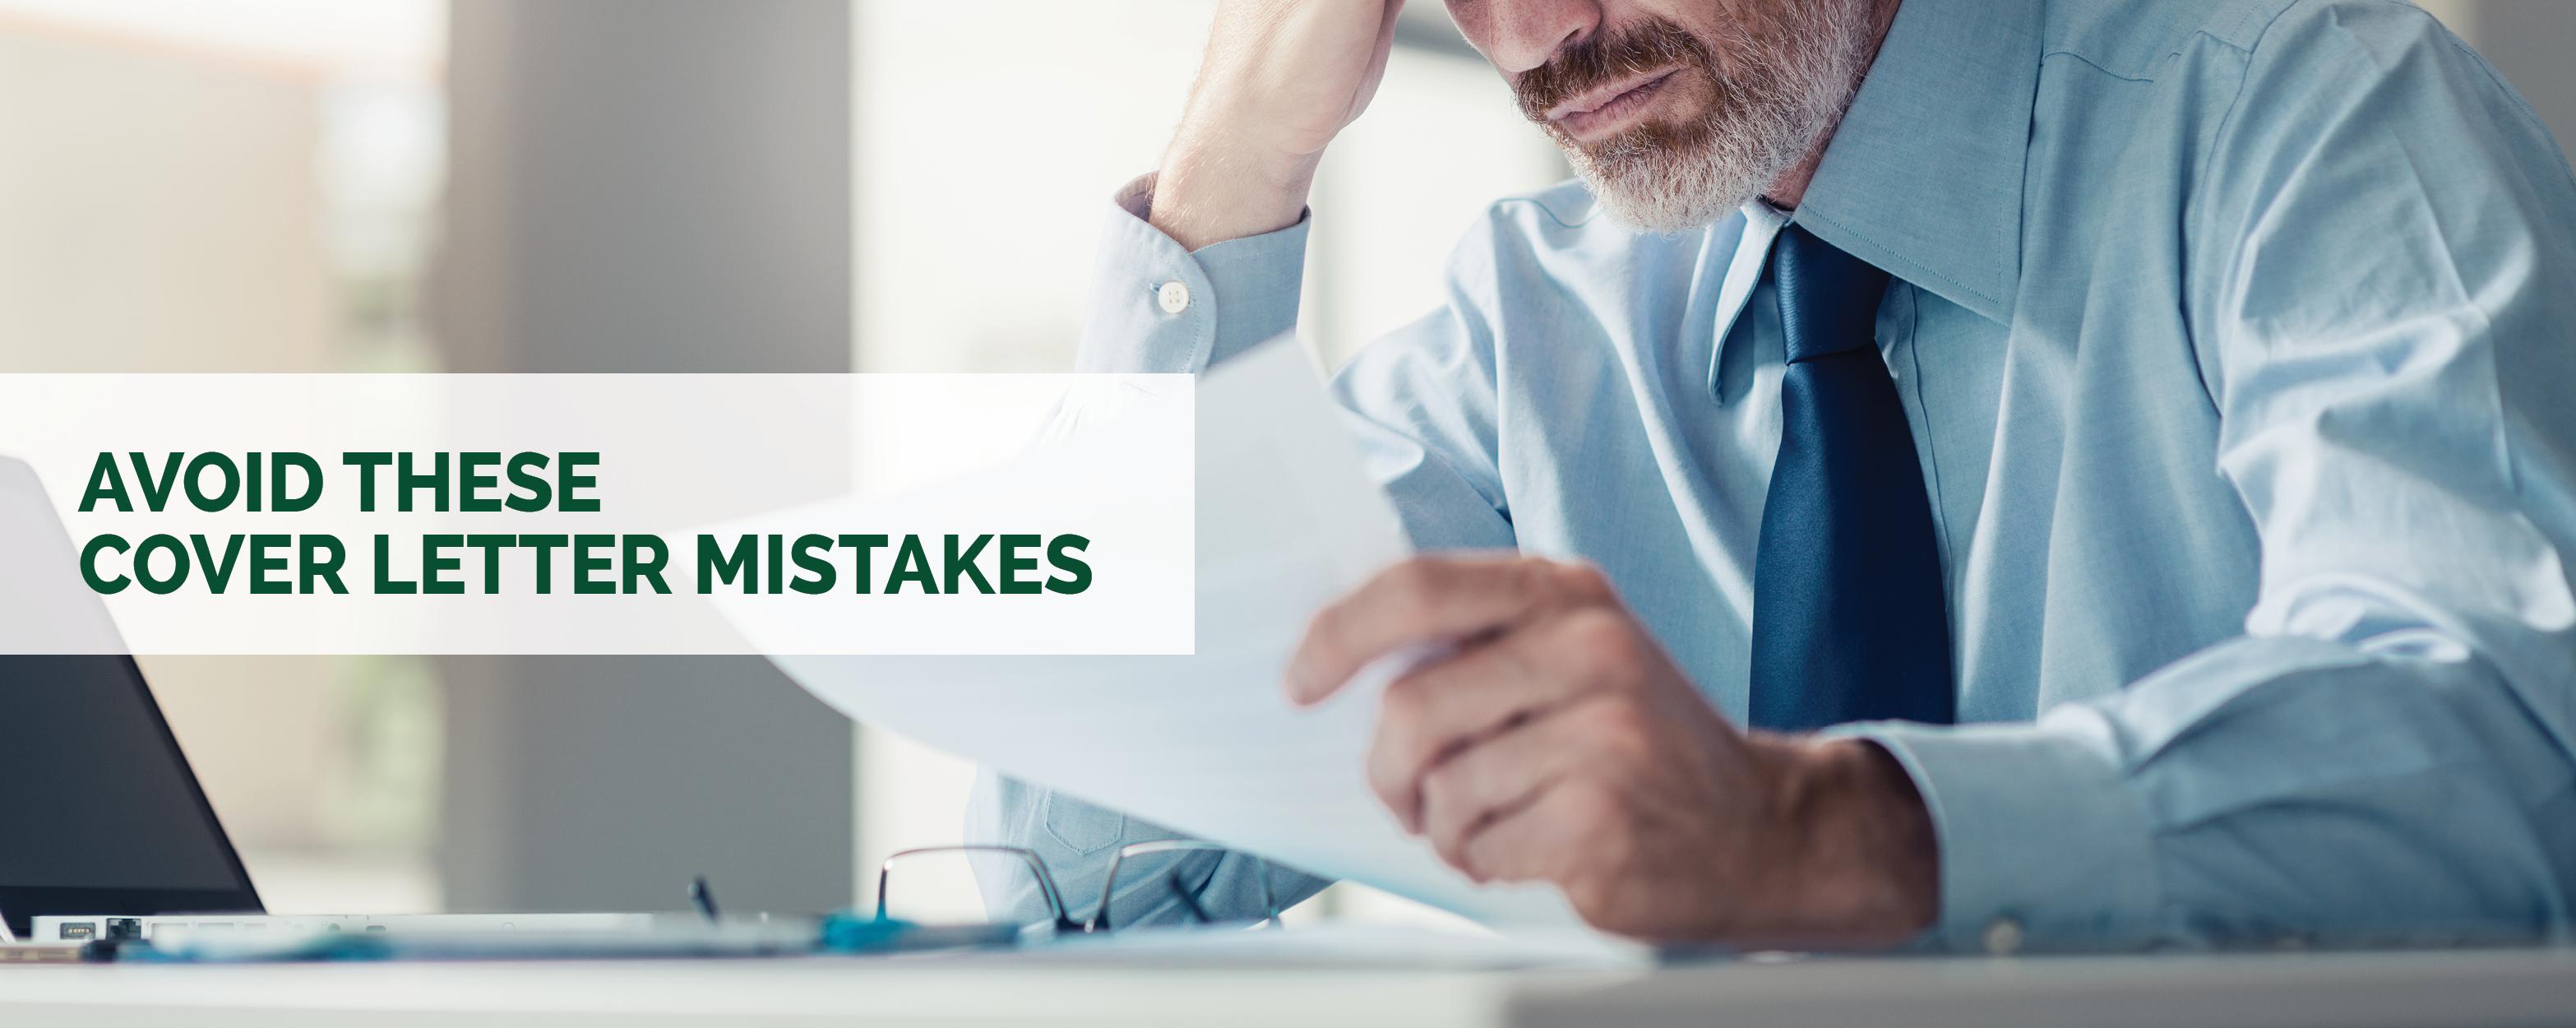 Avoid These Cover Letter Mistakes - NextGen